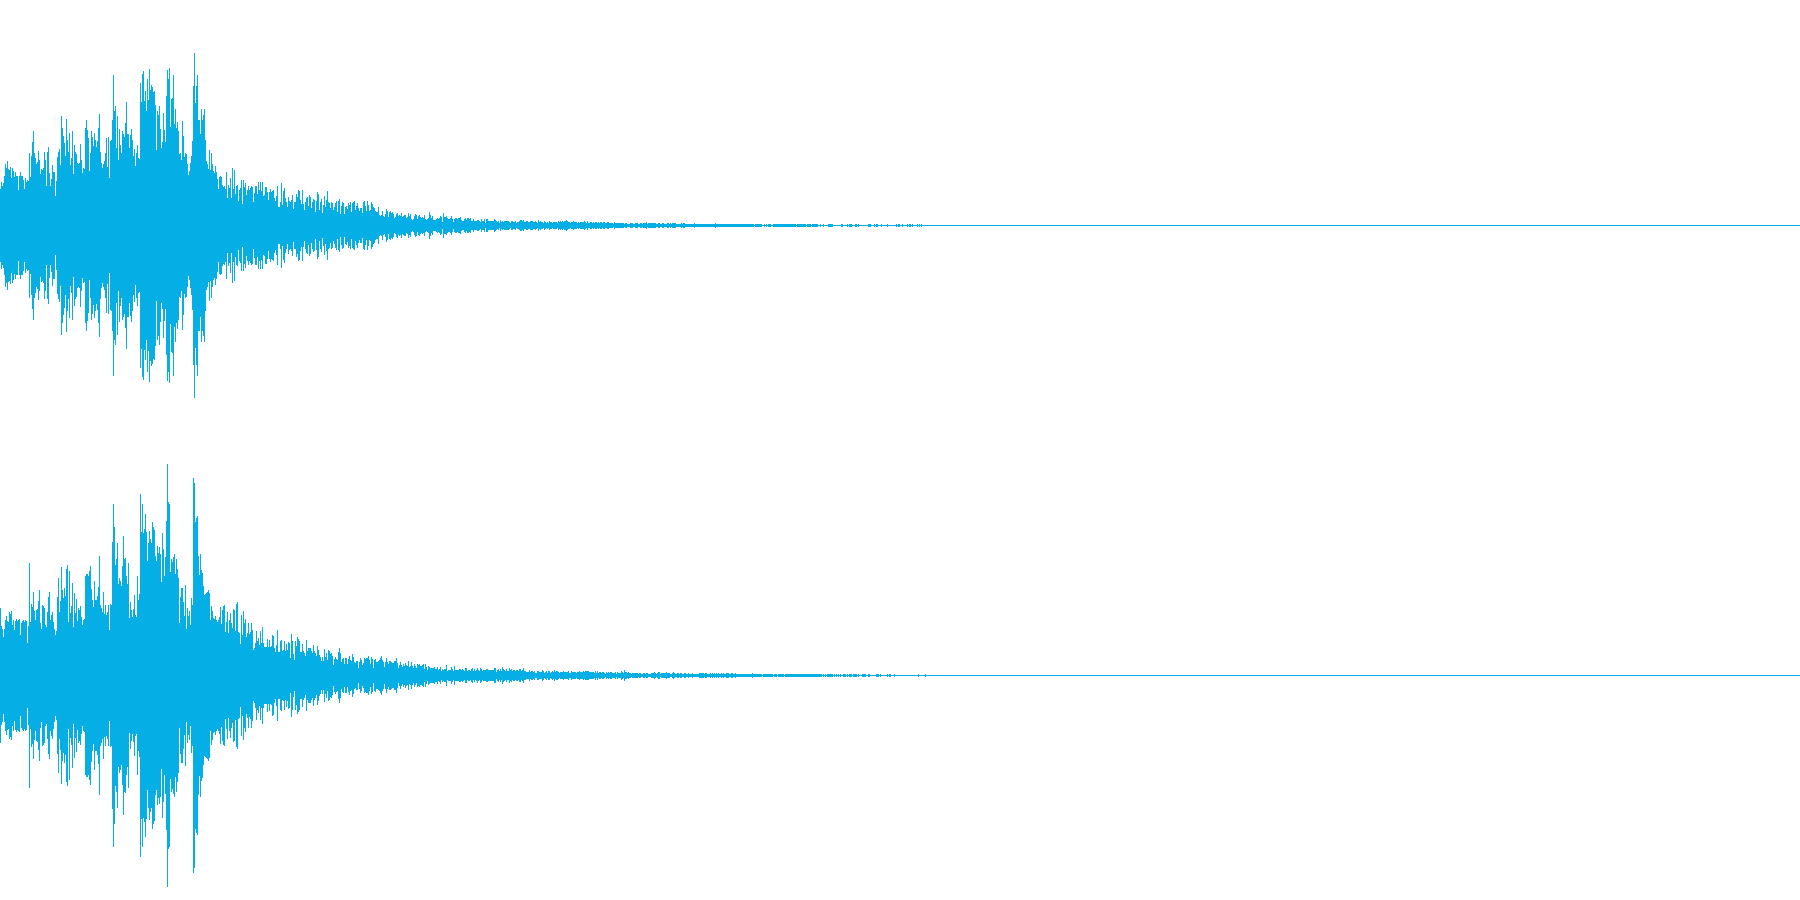 琴による速い上昇音型の再生済みの波形